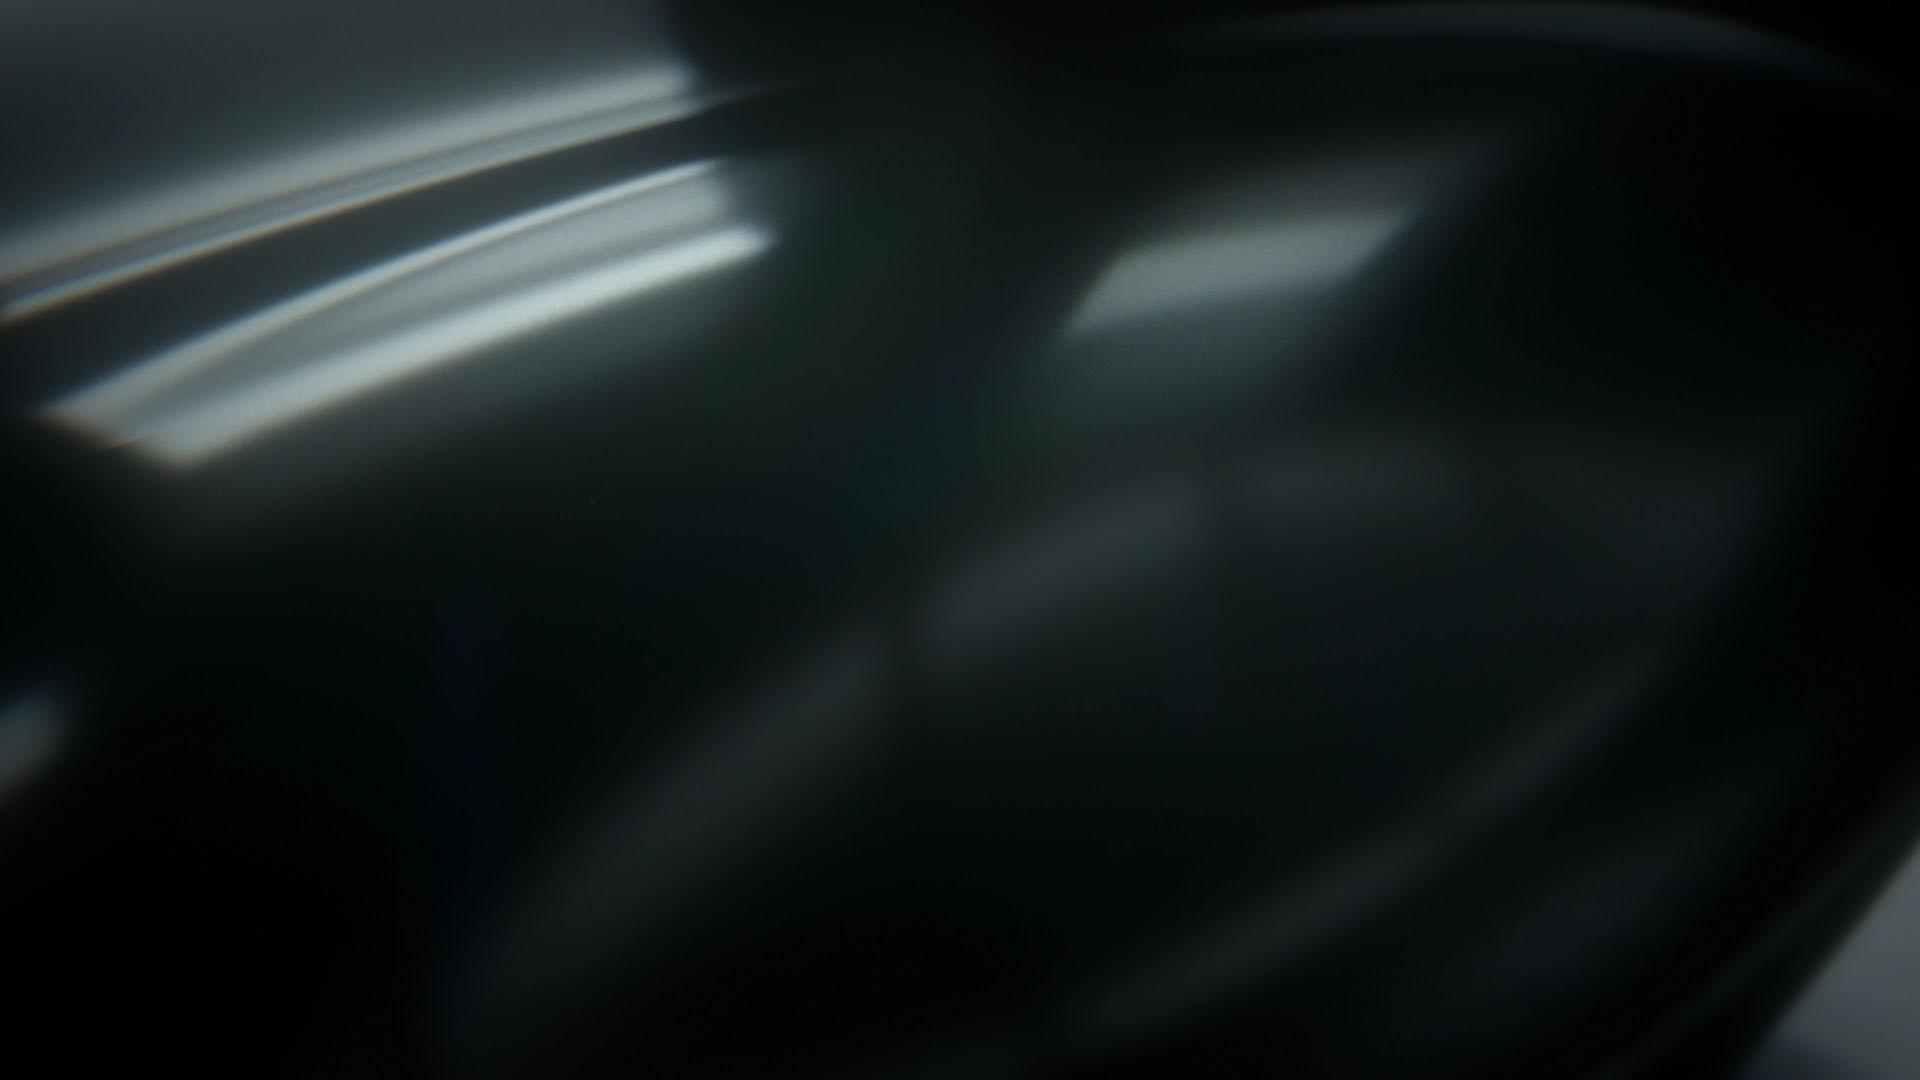 liquid_metal_003.jpg